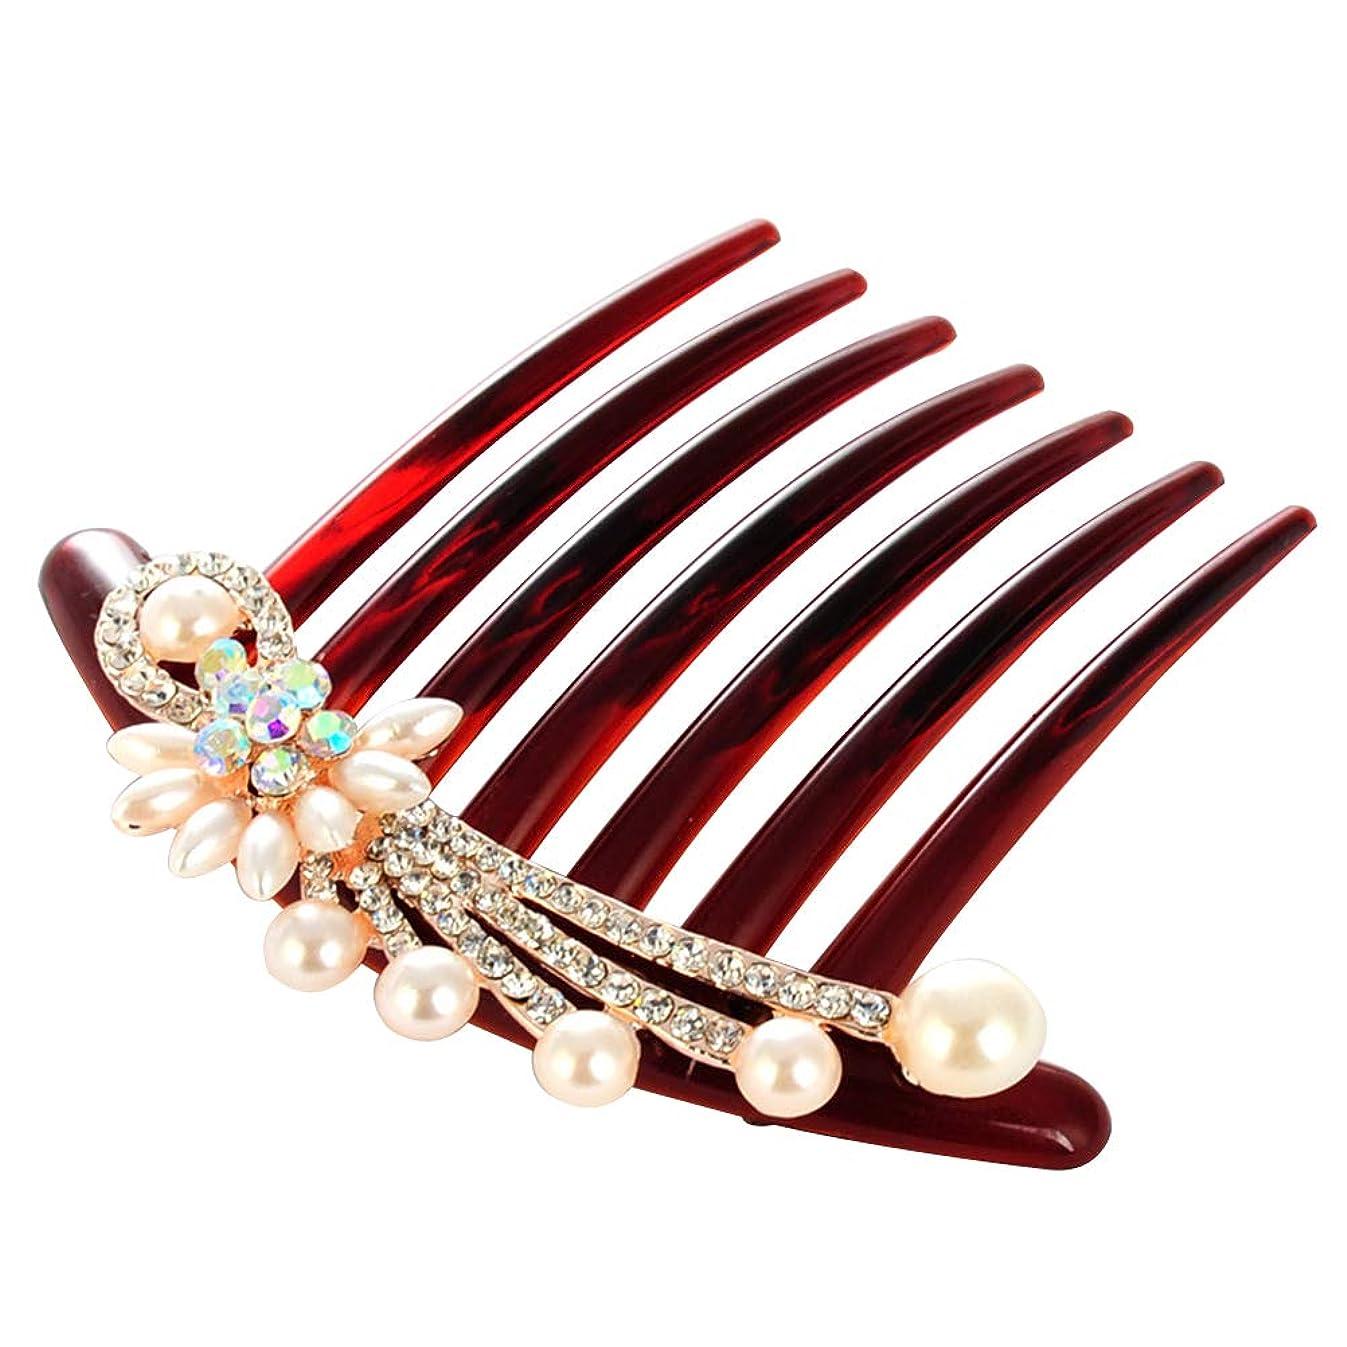 強い王族拍手するLURROSE 模造真珠の髪の櫛のクリスタルヘッドドレス繊細なラインストーンの花嫁のヘアアクセサリー(花)